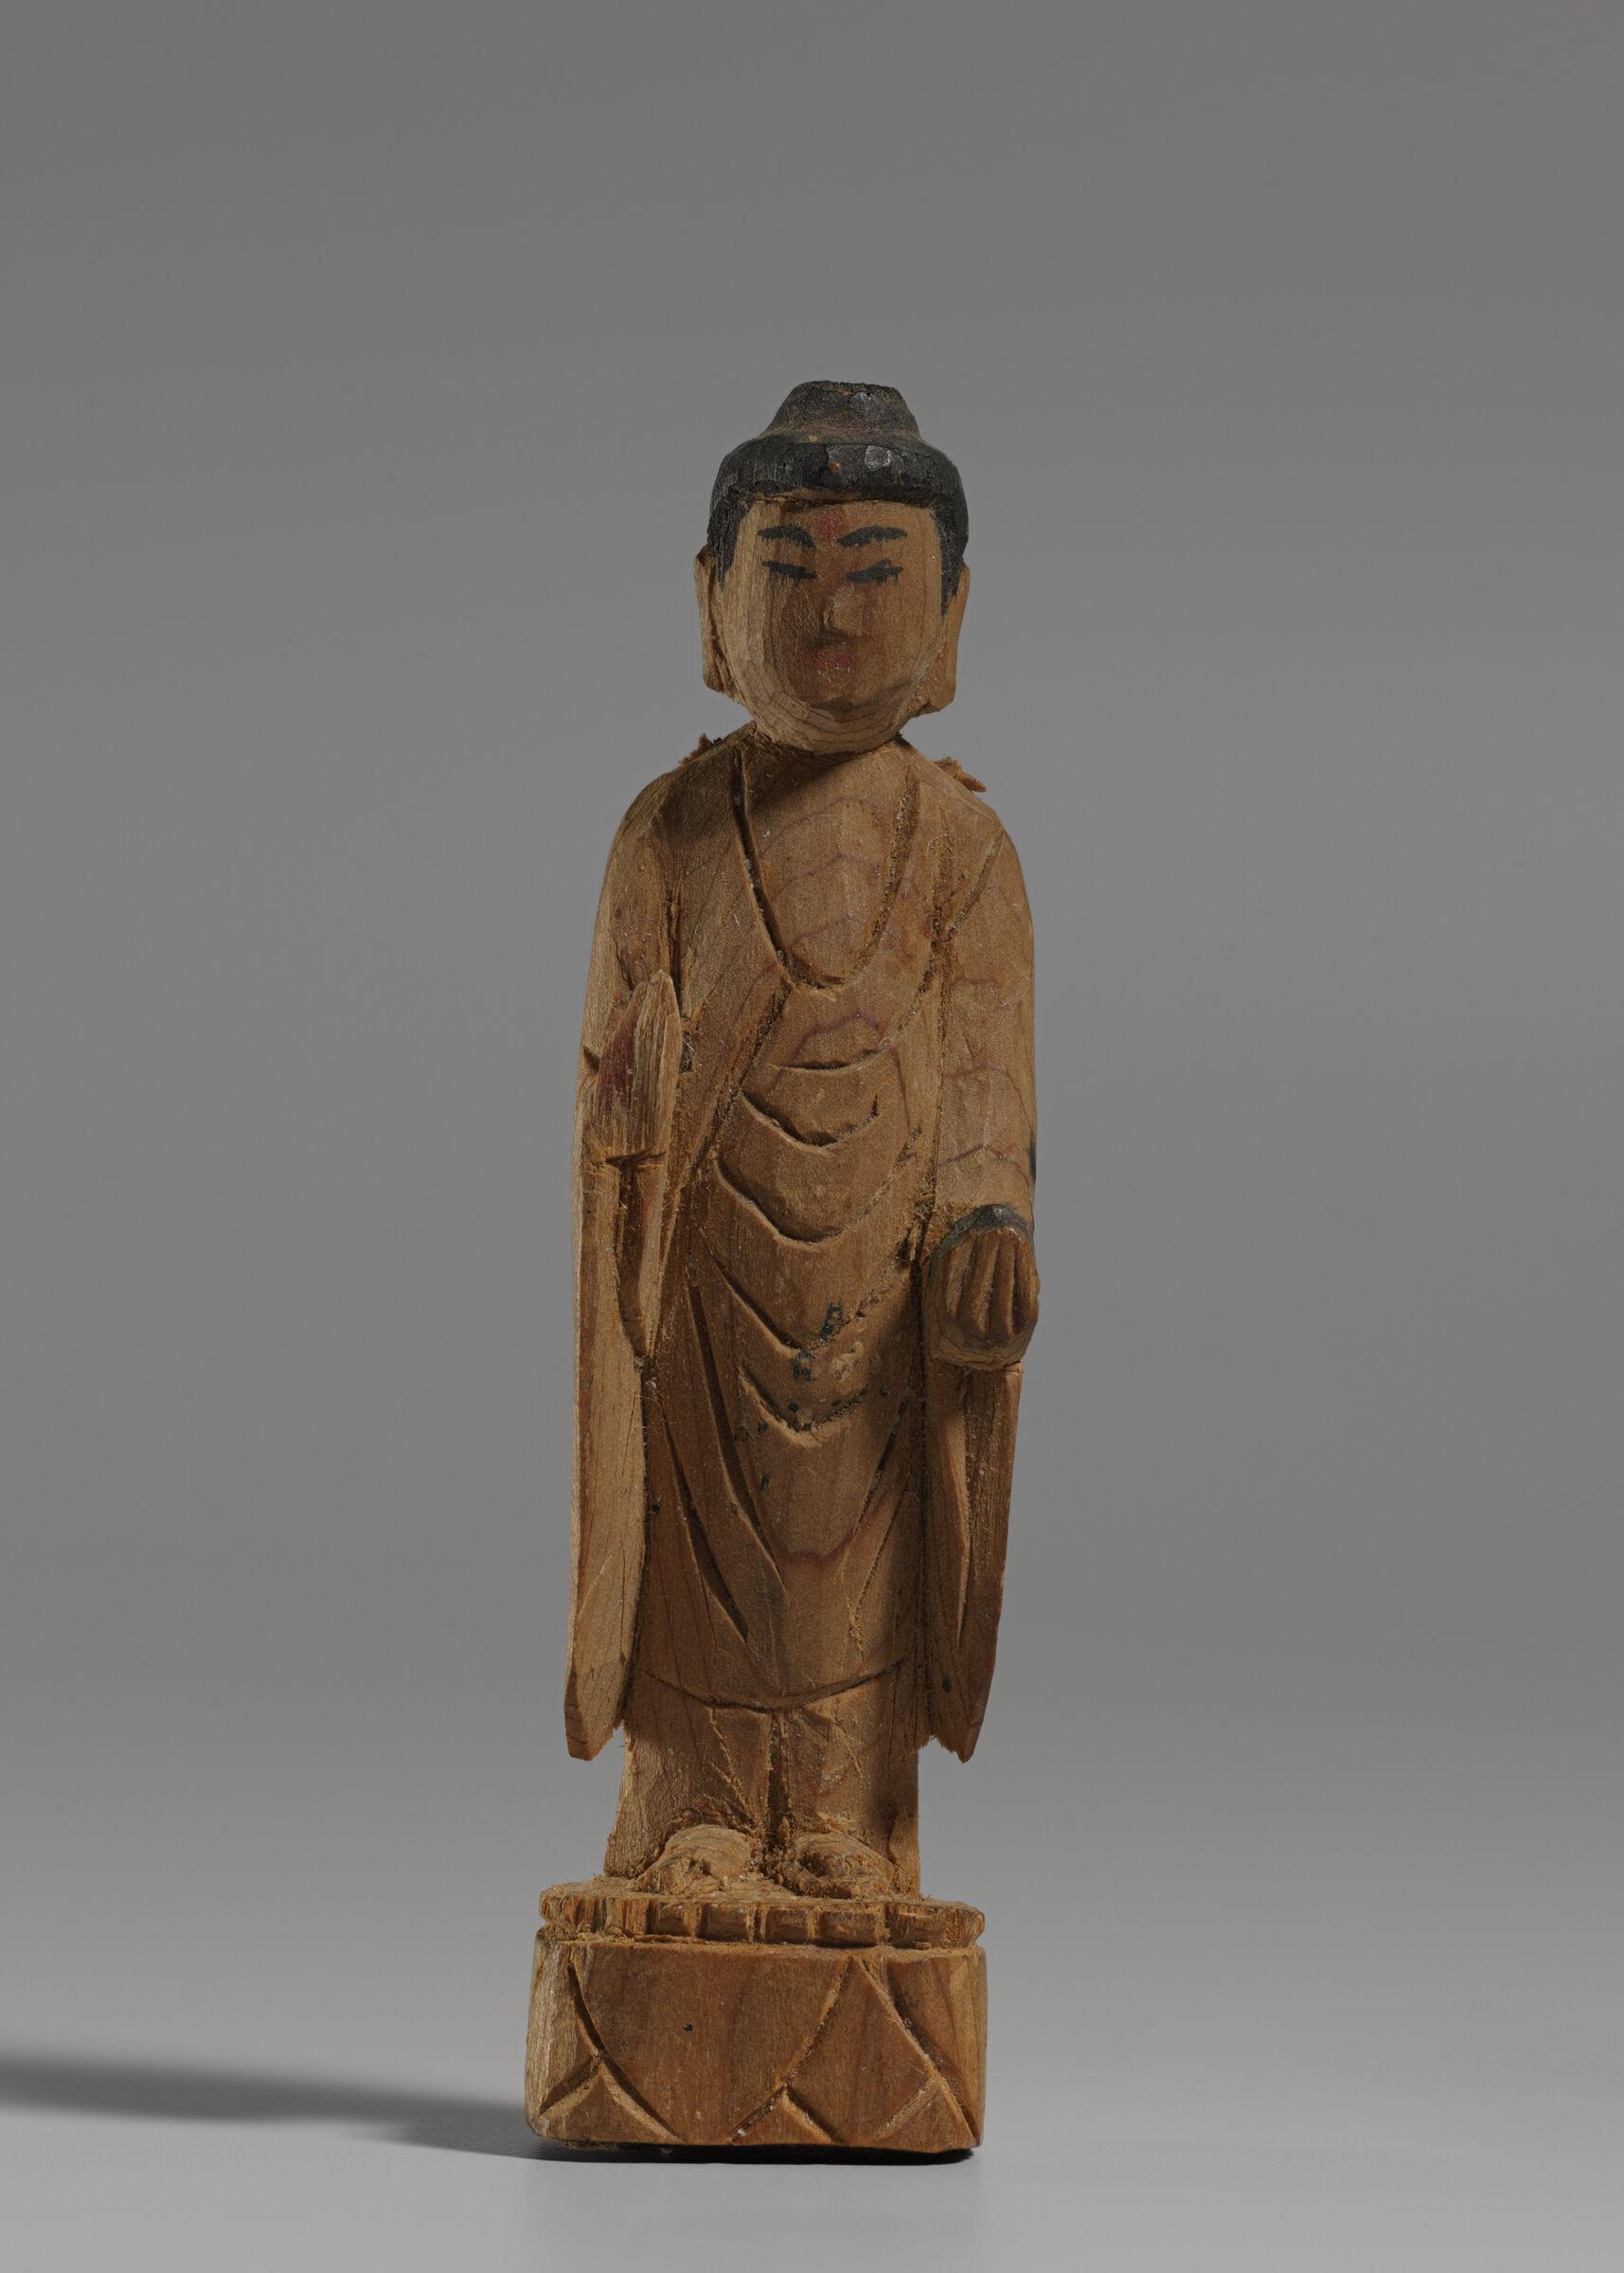 Small Image Of Medicine Buddha Bhaisajyaguru (Japanese: Yakushi Nyorai)